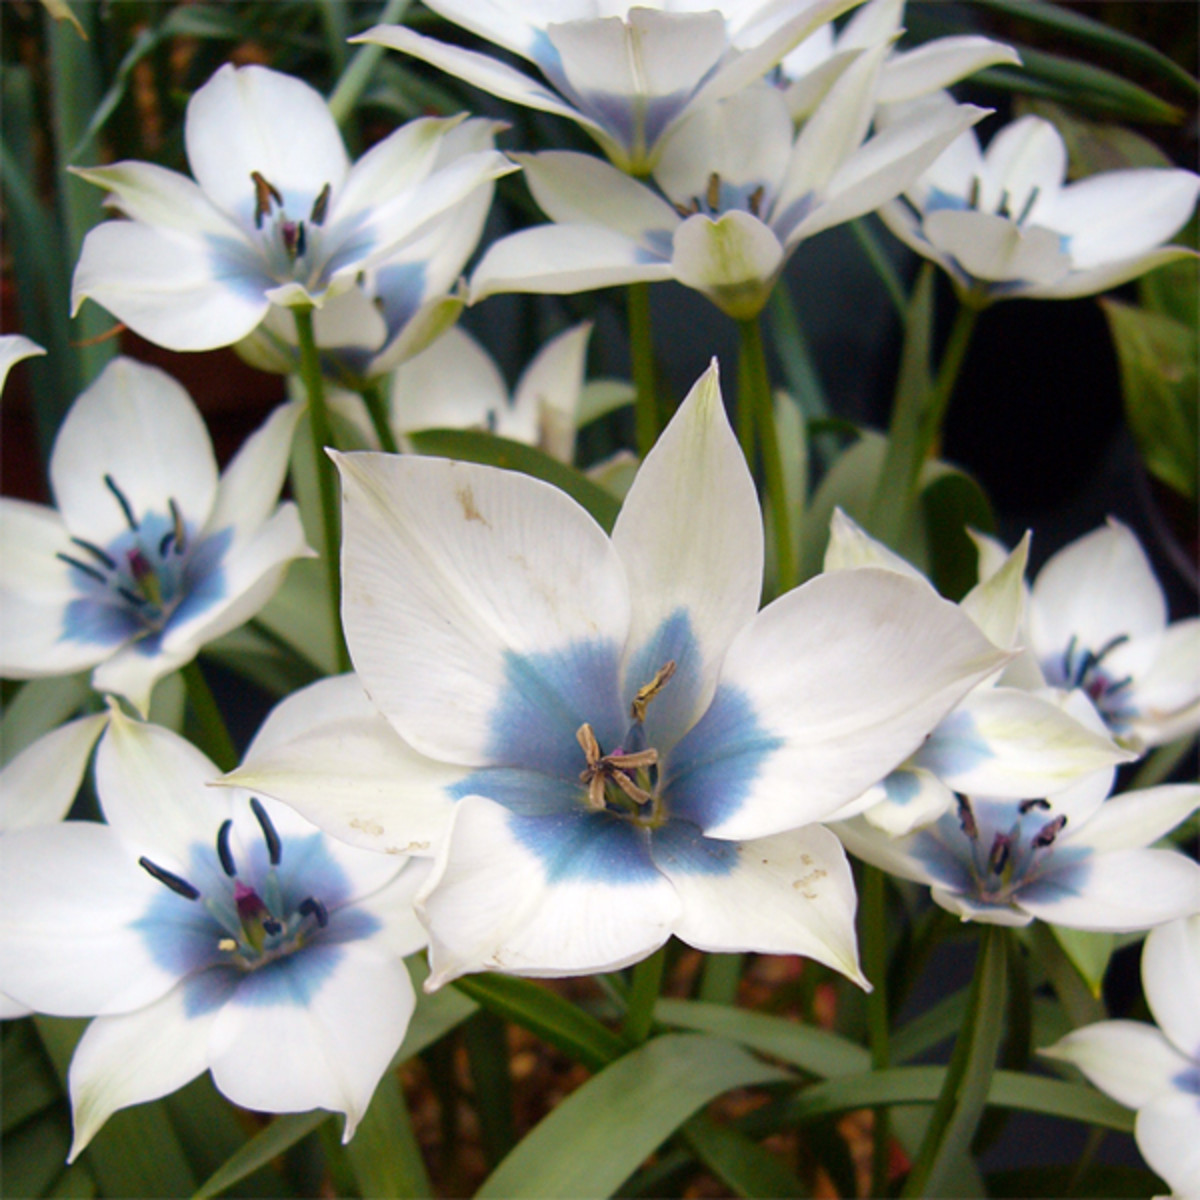 Tulipa humilis var. pulchella Albocaerulea Oculata